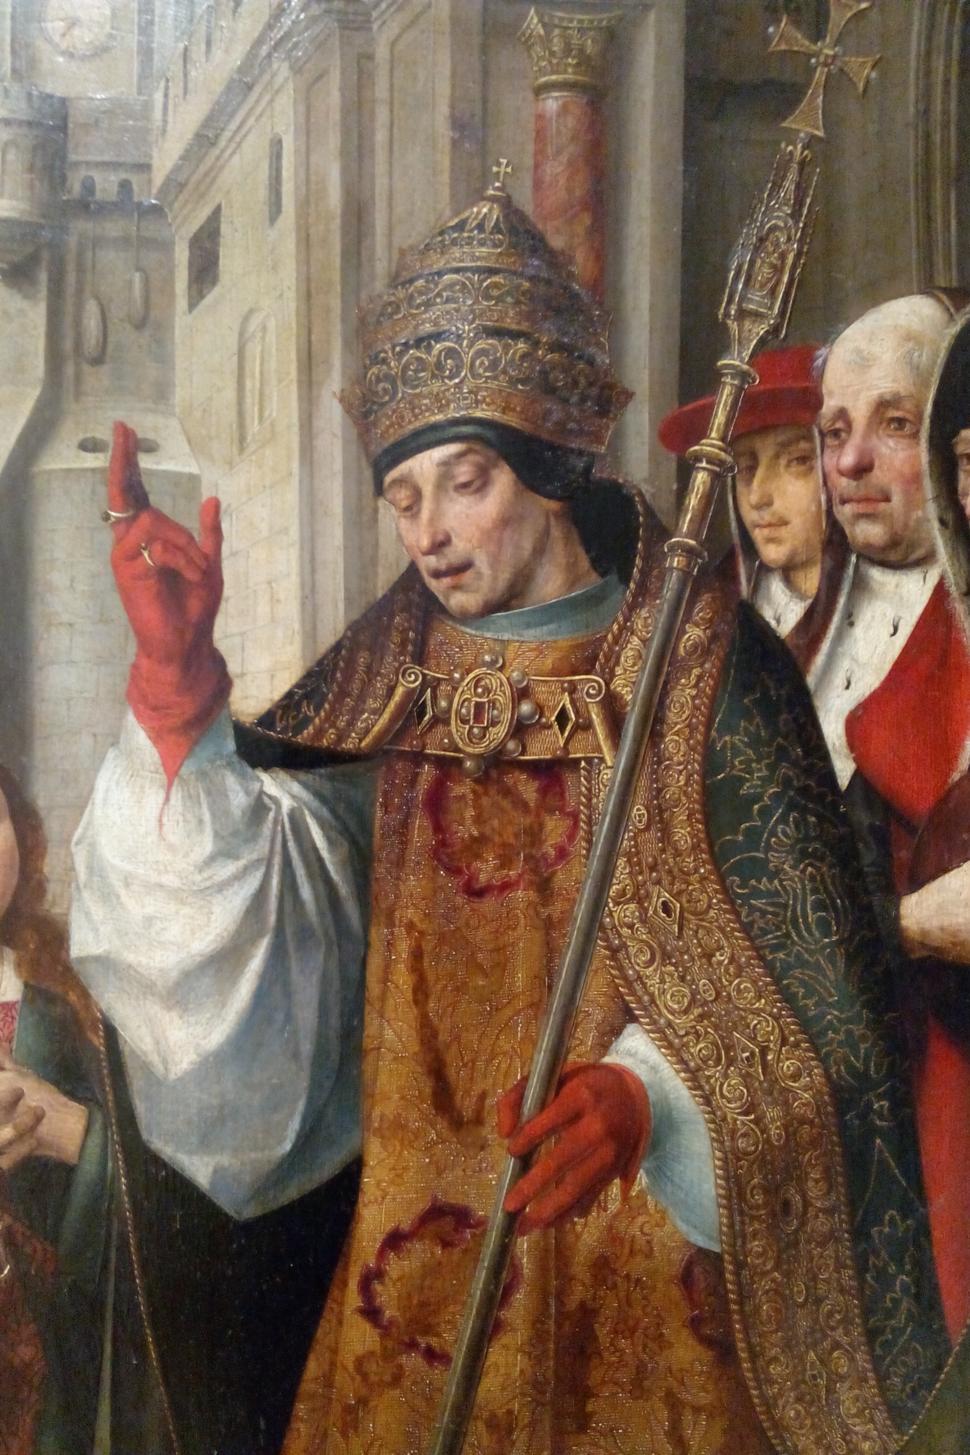 Pormenor do Retábulo de Santa Auta (Papa Ciríaco Abençoa Santa Auta e o Príncipe Conan), Museu Nacional de Arte Antiga